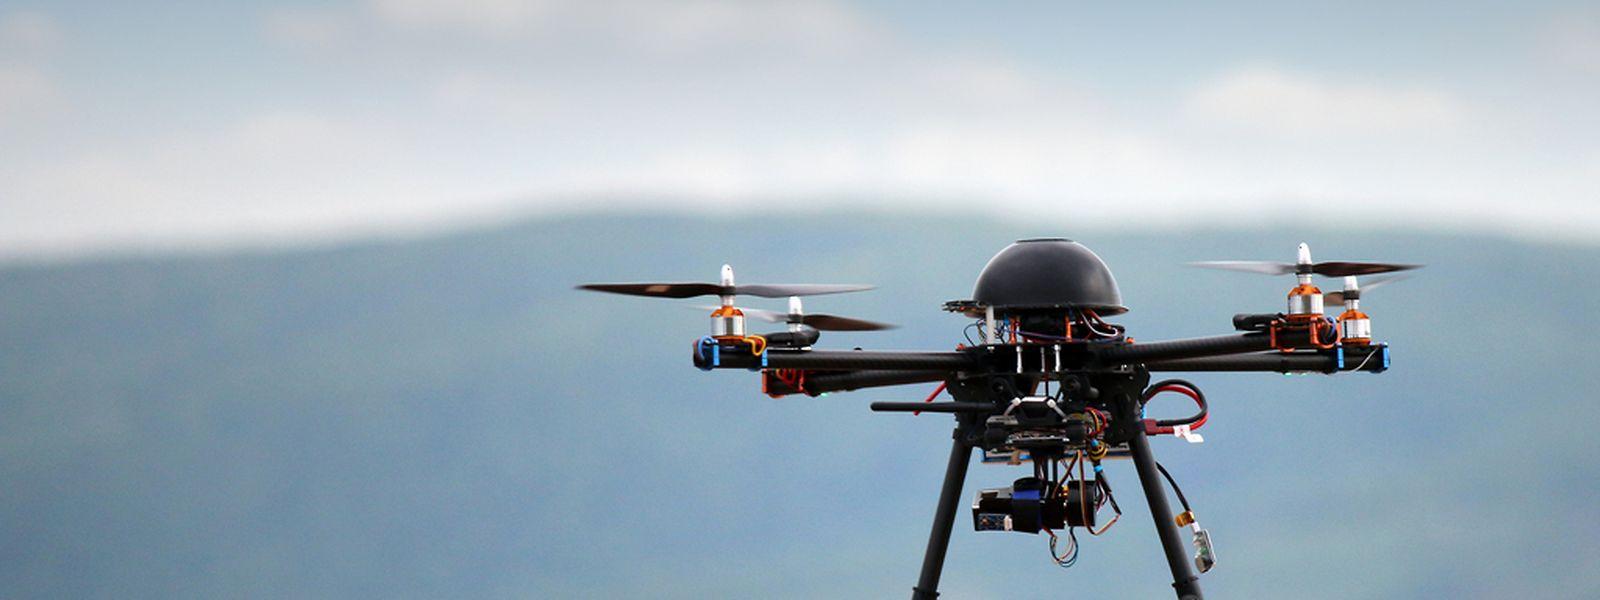 Bei den Drohnen handelt es sich laut Zeugenaussagen um solche Multikopter, wie sie im Handel erhältlich sind.